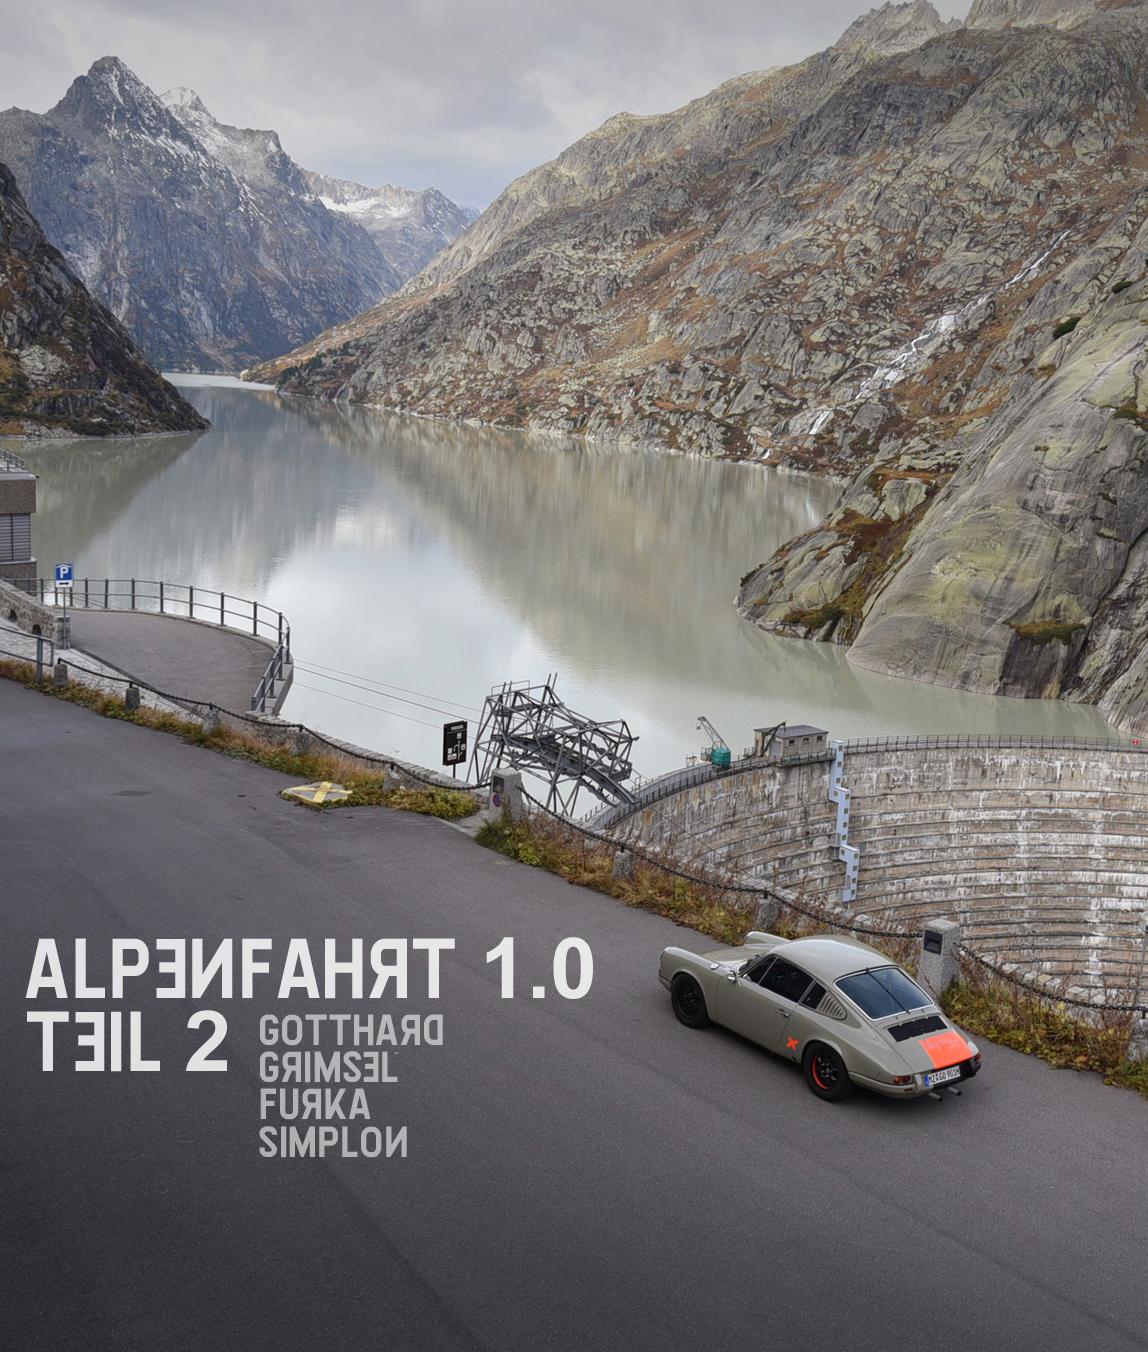 Alpenfahrt 1.0 __ Teil 2___Gotthard, Grimsel, Furka, Simplon